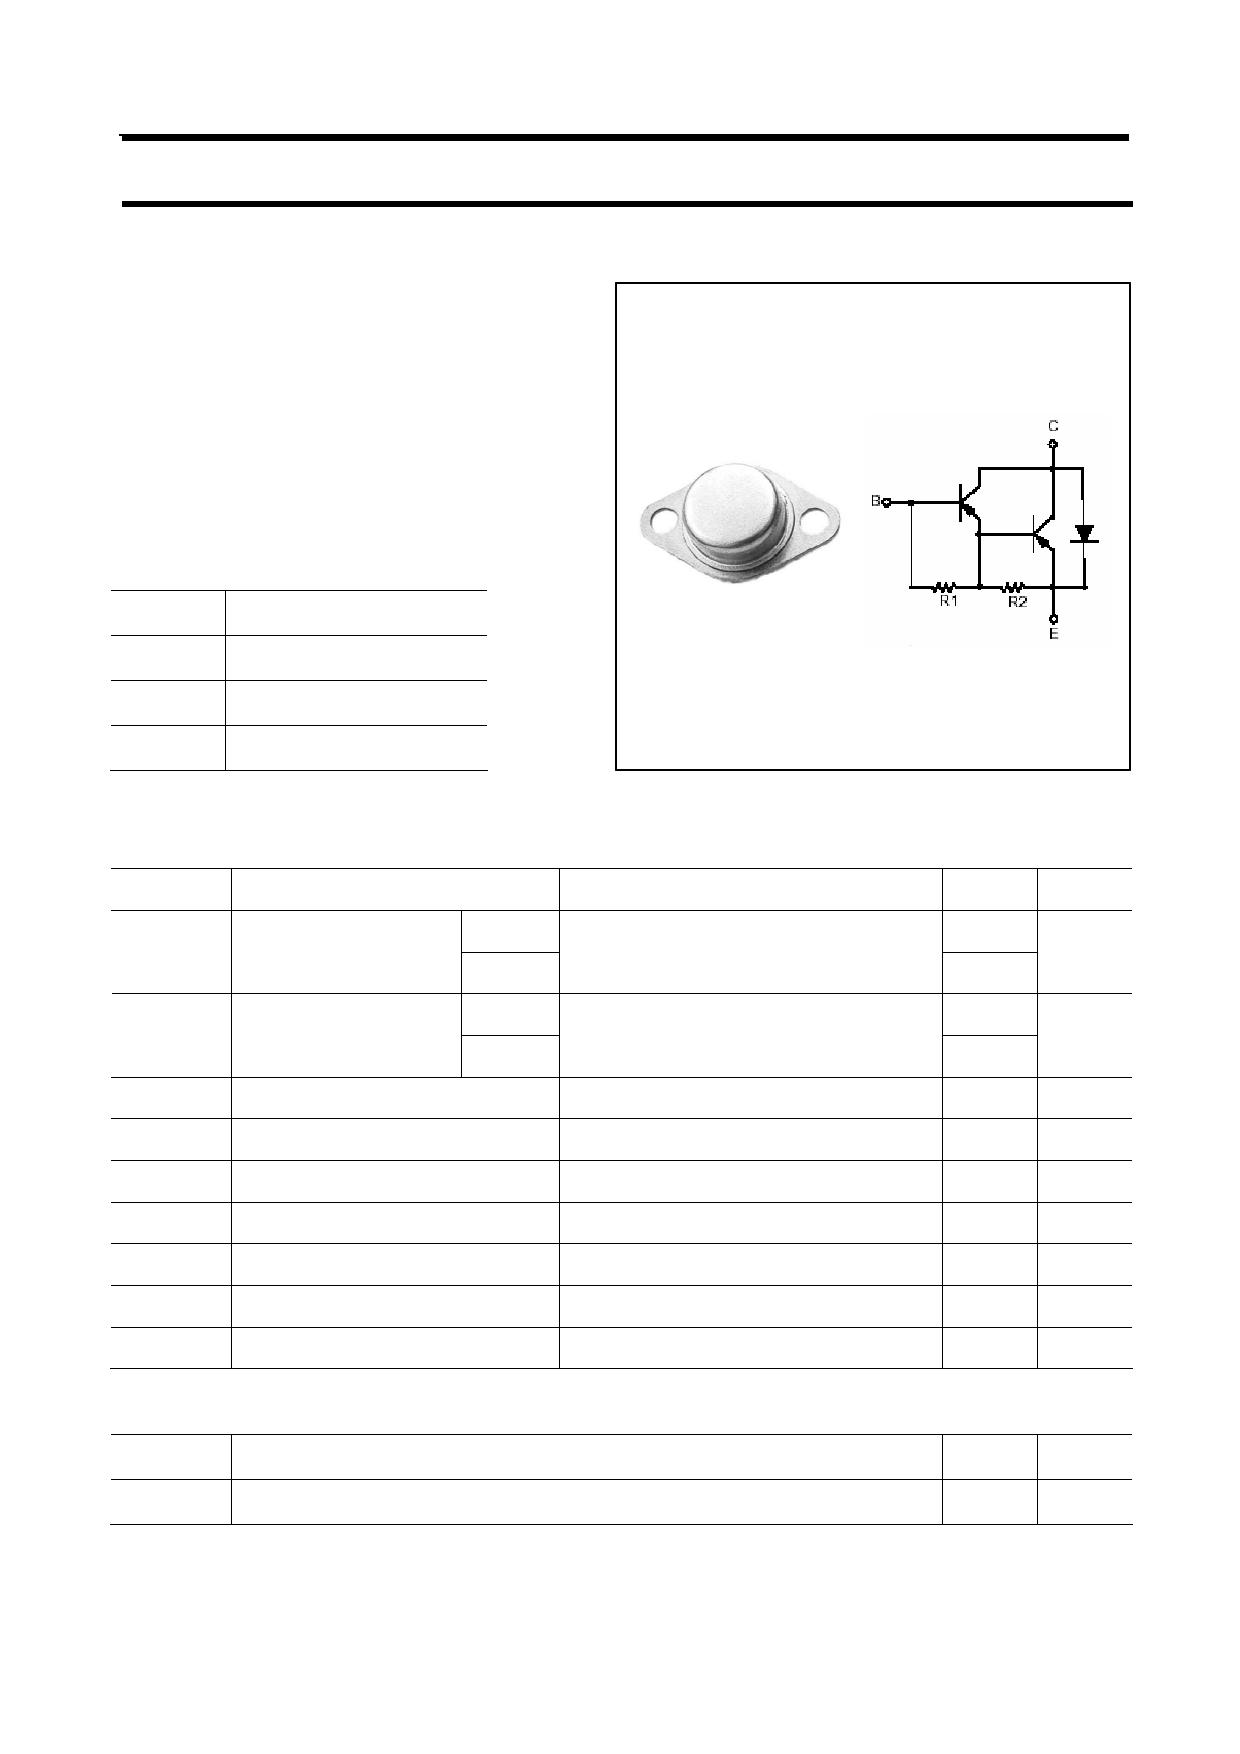 2N6299 Datasheet, 2N6299 PDF,ピン配置, 機能